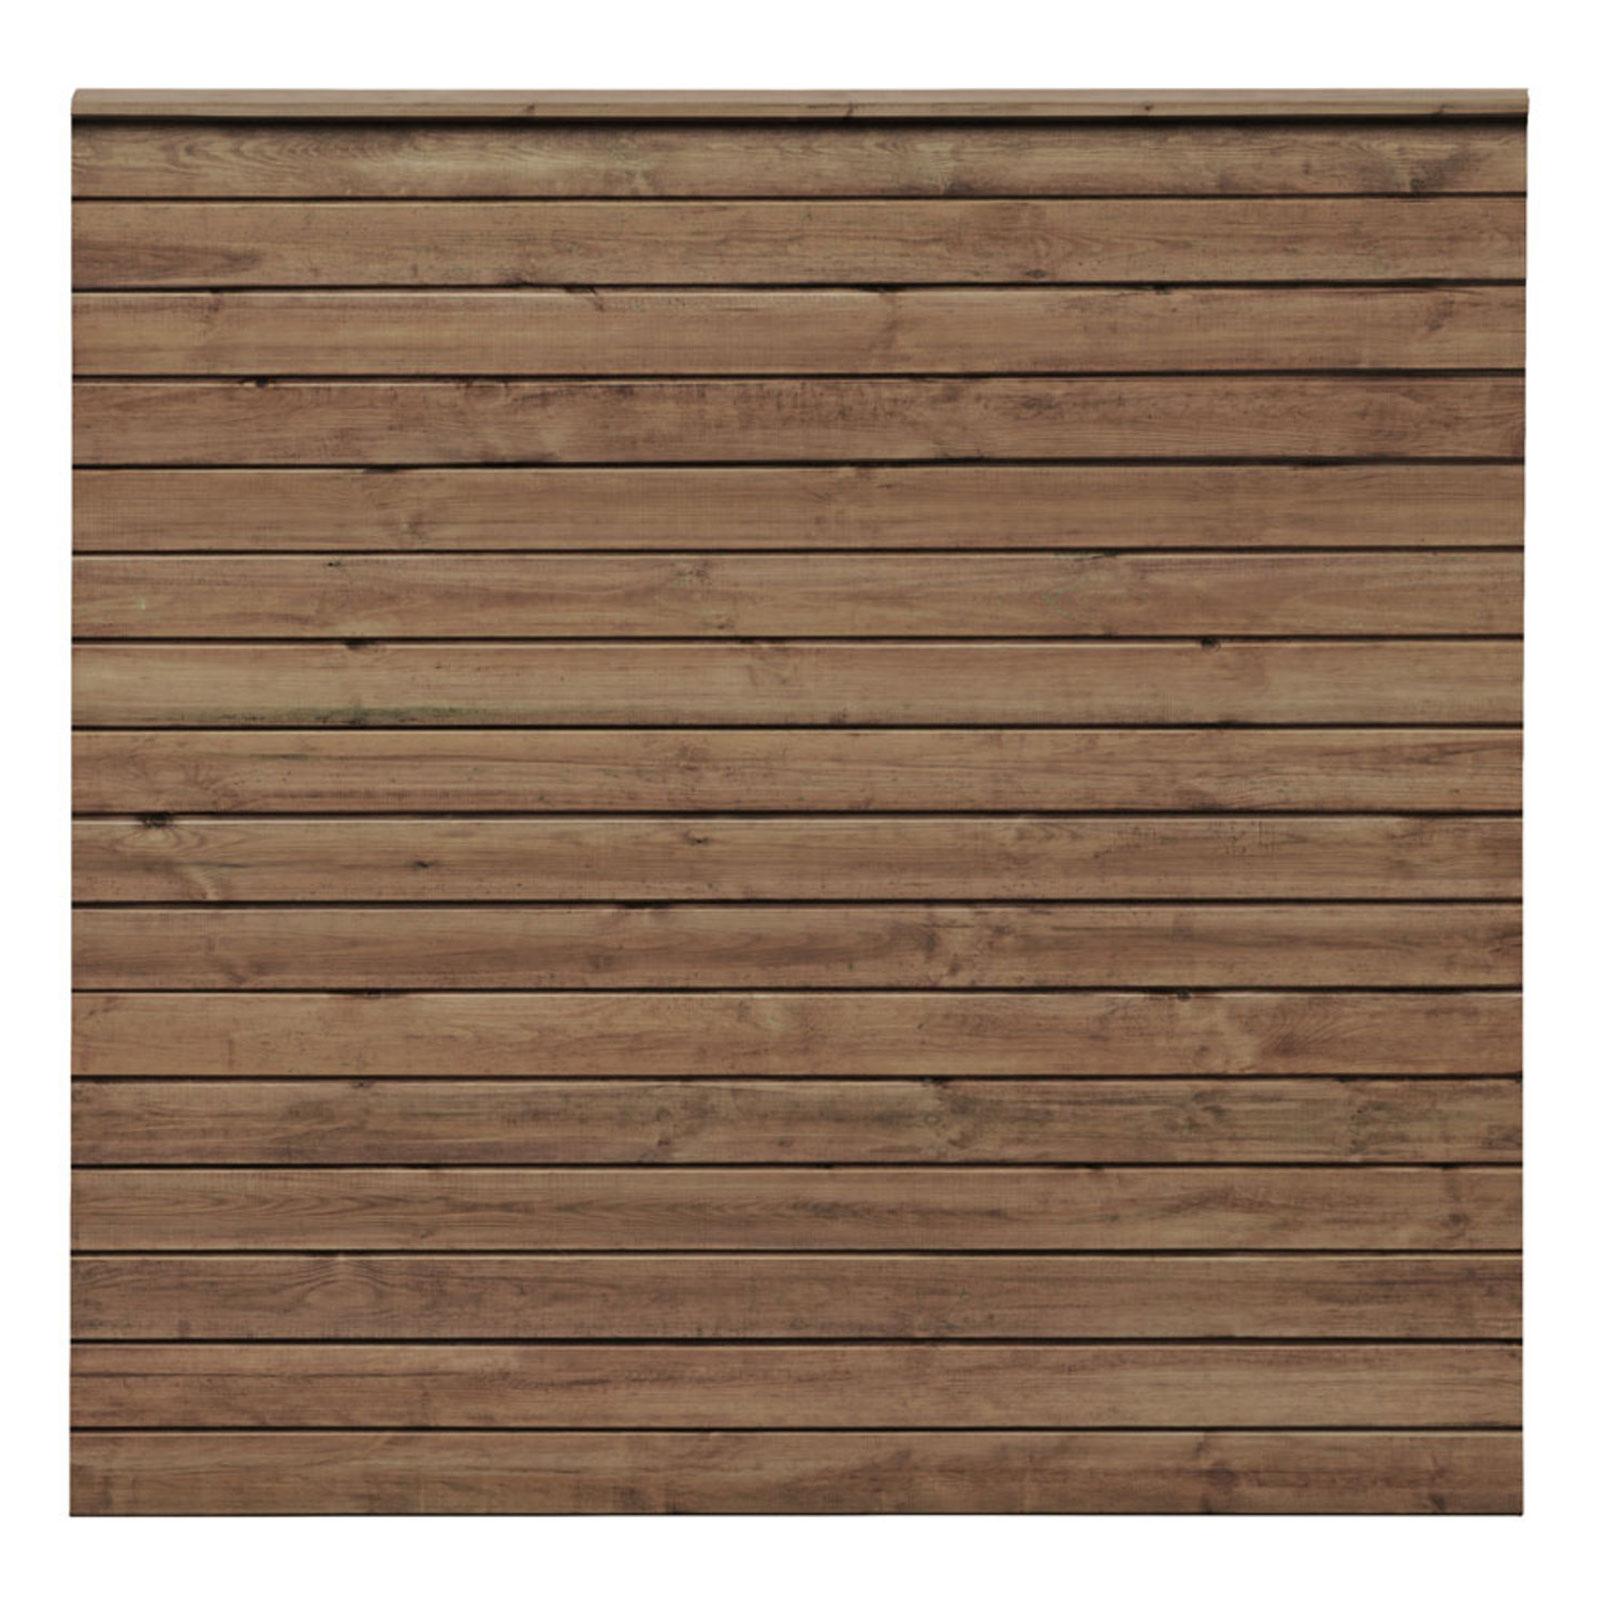 Holzzaun Sichtschutzzaun 180x180 Lamellenzaun Gartenzaun Steckzaun